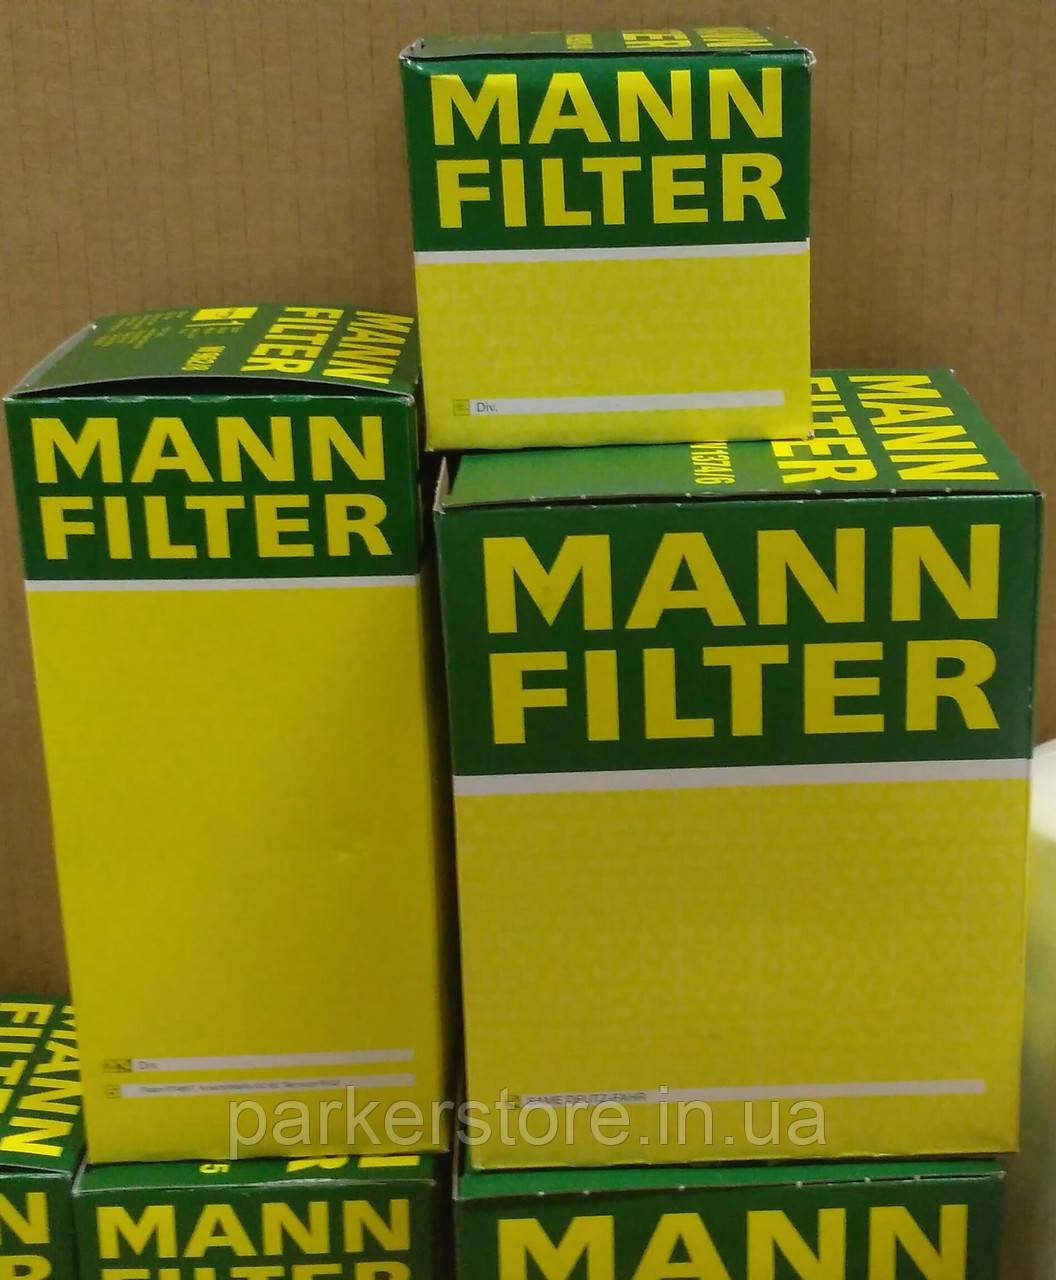 MANN FILTER / Повітряний фільтр / C 26 126 / C26126